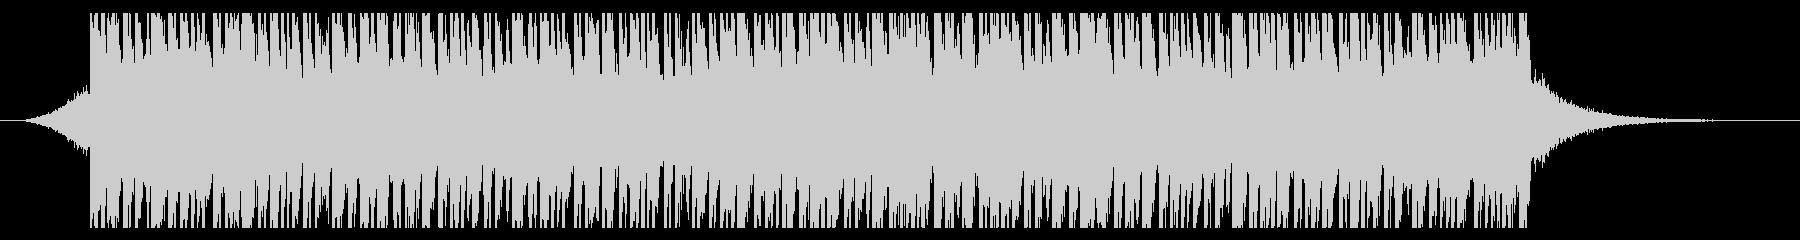 サニーサマー(38秒)の未再生の波形